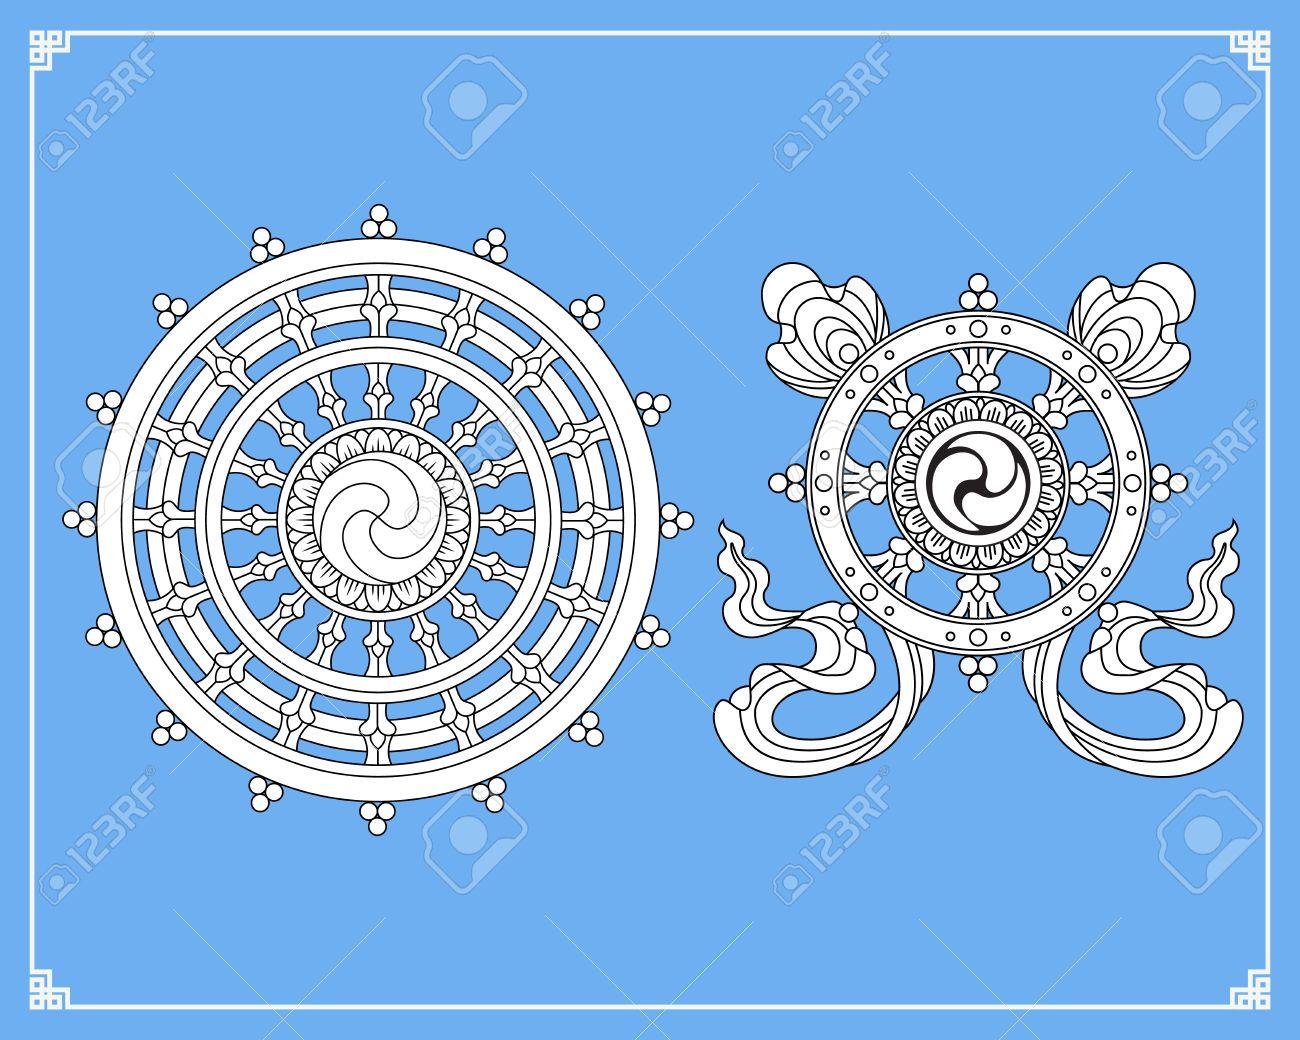 Dharma wheel dharmachakra icons wheel of dharma in black and dharma wheel dharmachakra icons wheel of dharma in black and white design buddhism buycottarizona Image collections